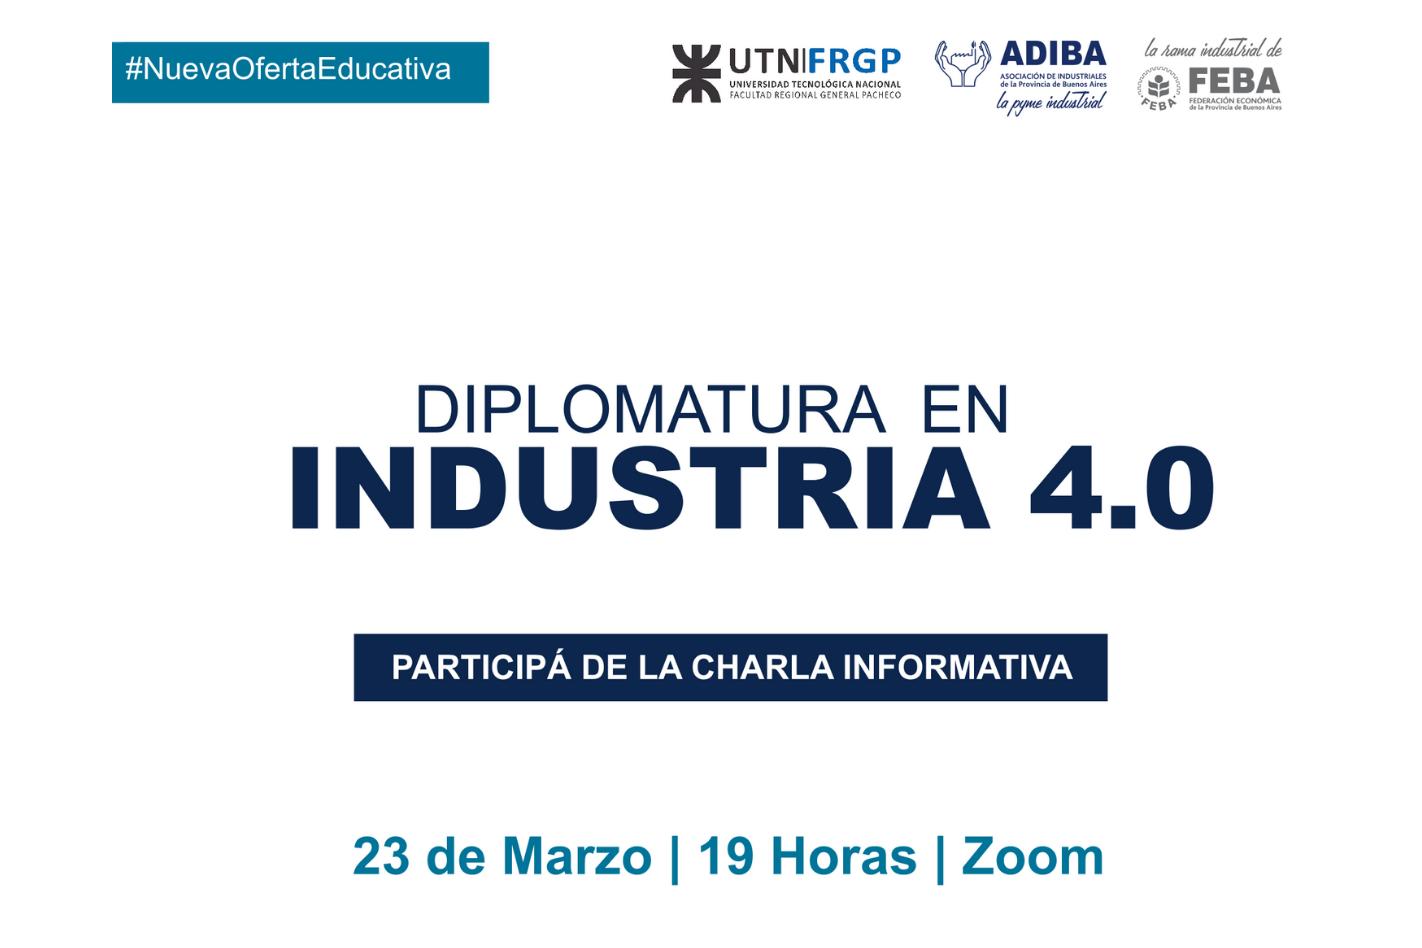 Charla Informativa - Diplomatura en Industria 4.0